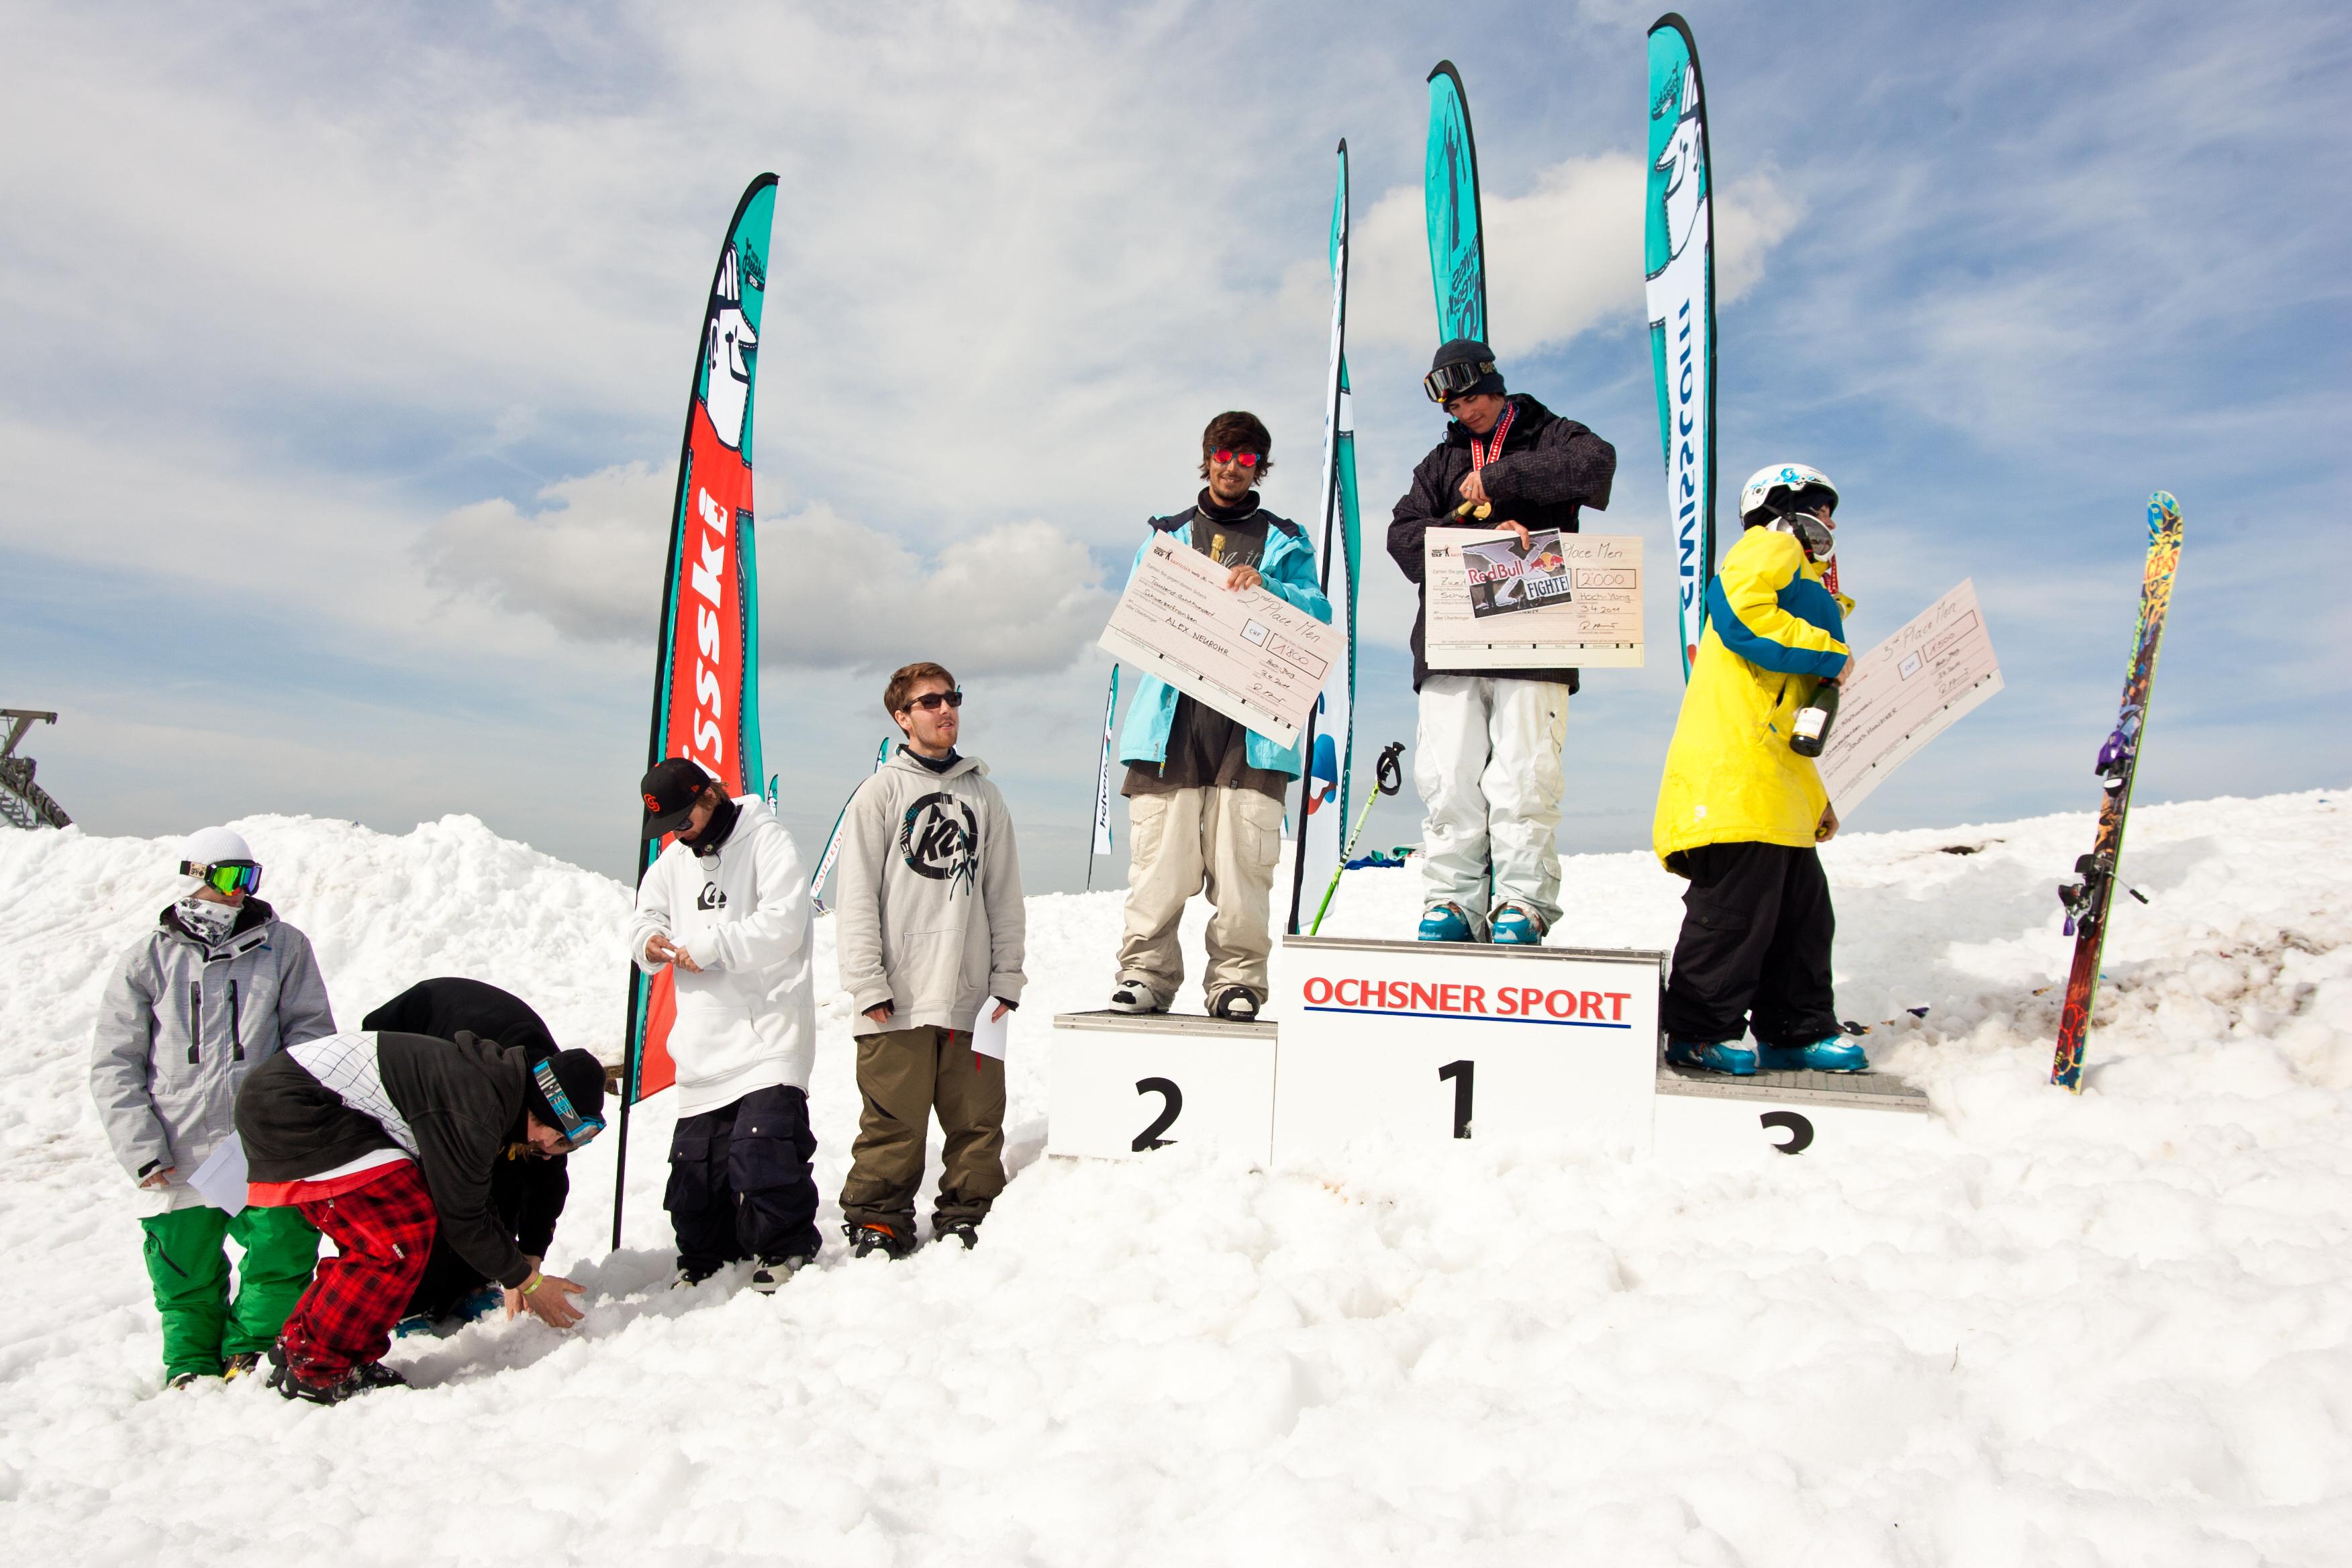 Bild 2 - Gewinner Freeski Tour - Men